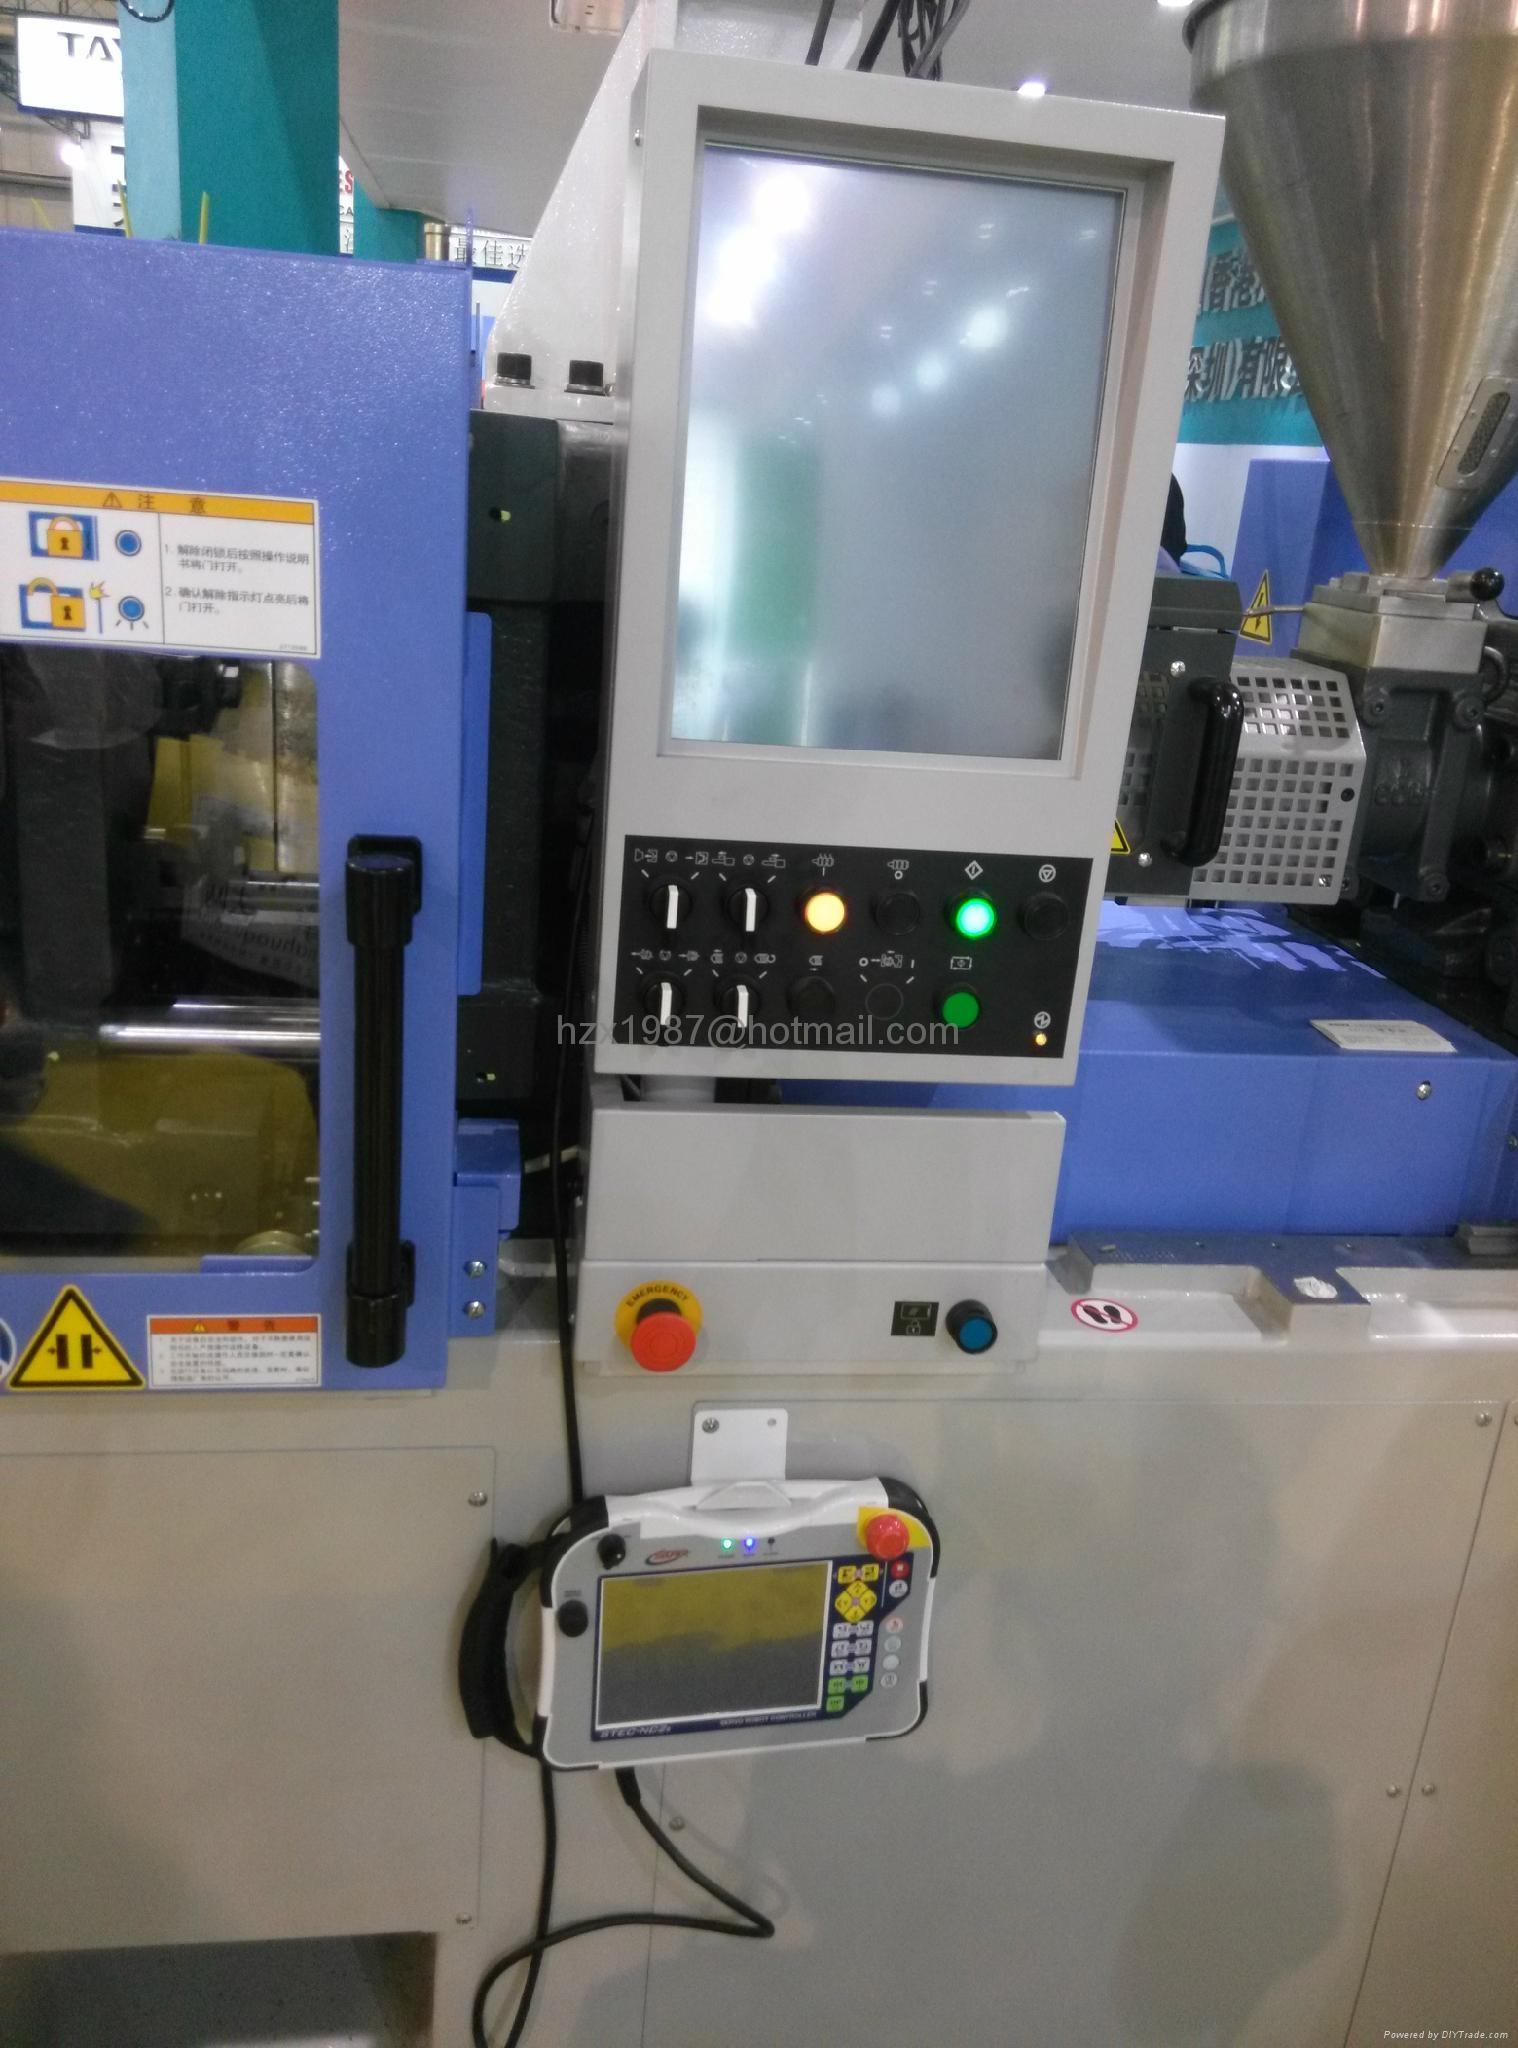 专业销售日钢J350AD,J450EL3 ,J180AD等电脑显示器配件,触摸屏,液晶屏 7